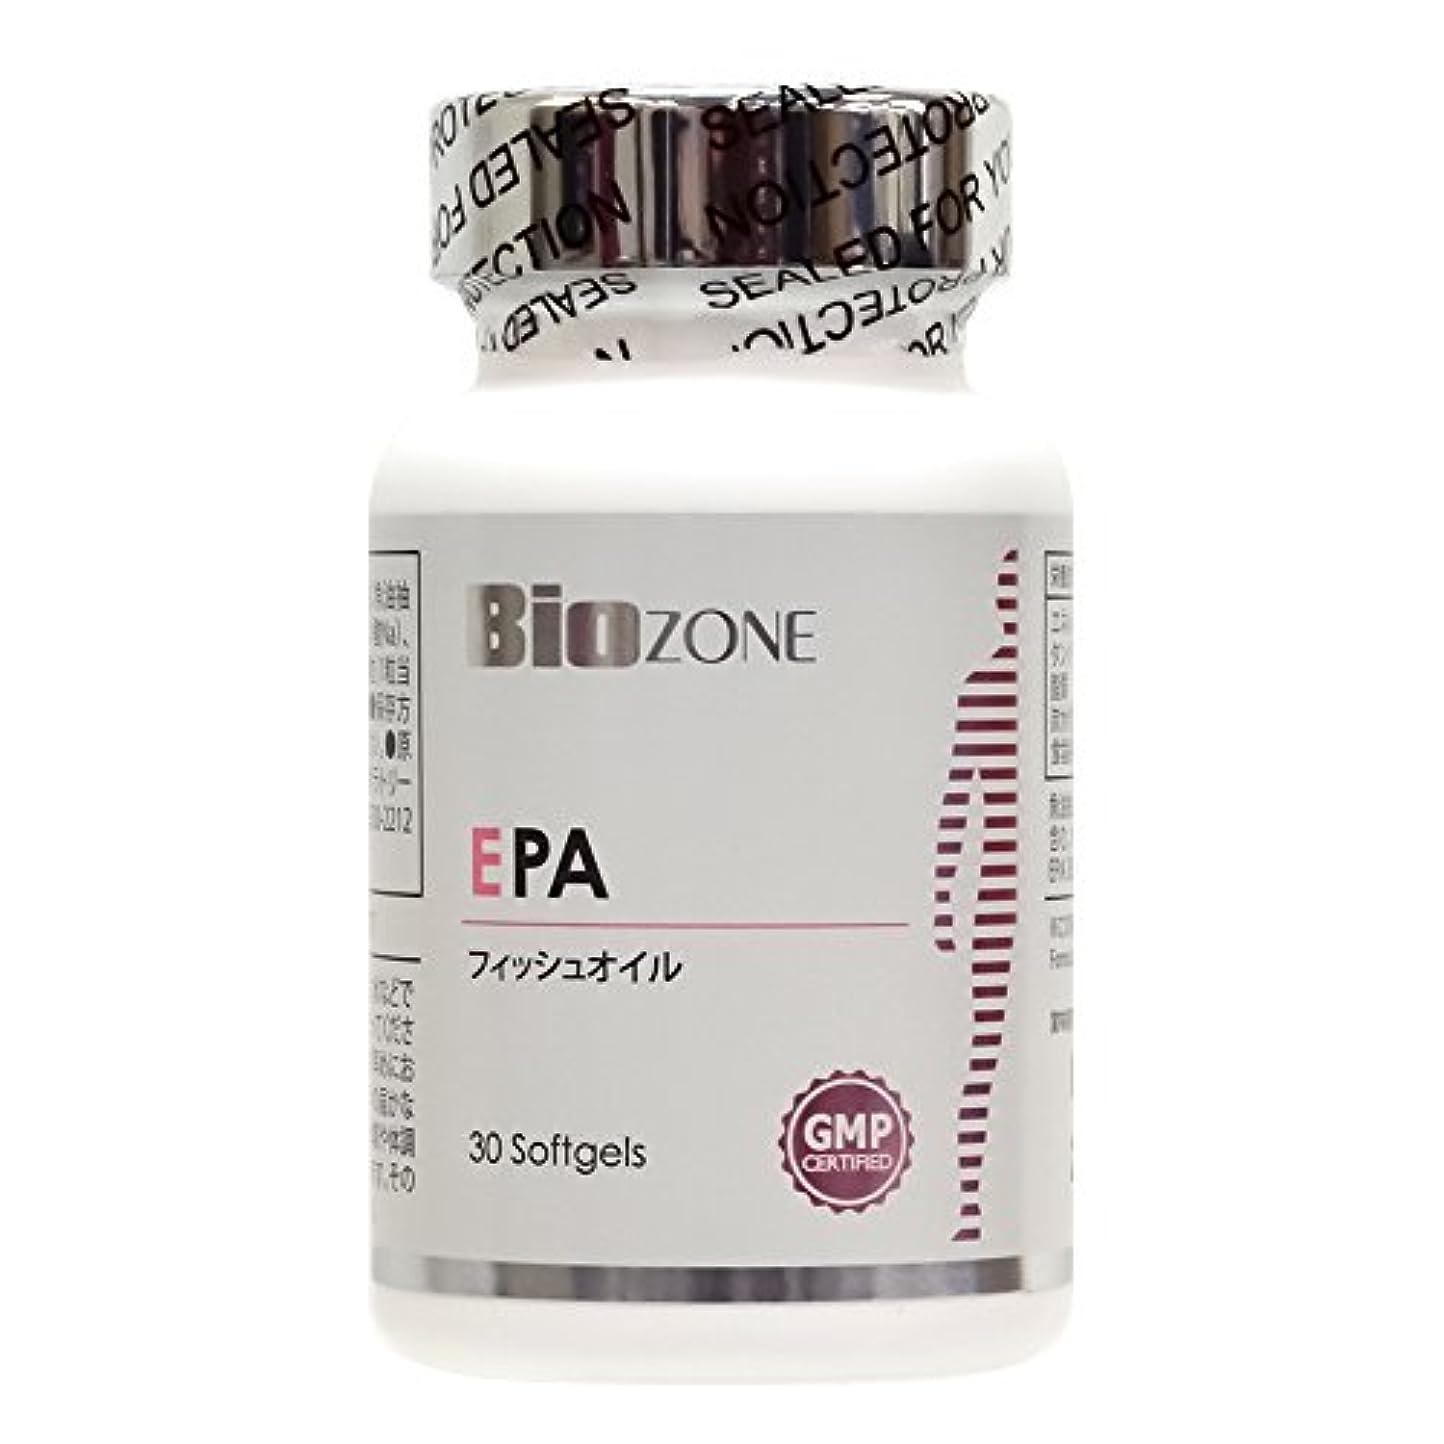 ドラフト形成十分にダグラスラボラトリーズ バイオゾーン(BioZONE) サプリメント EPA 30粒 30日分